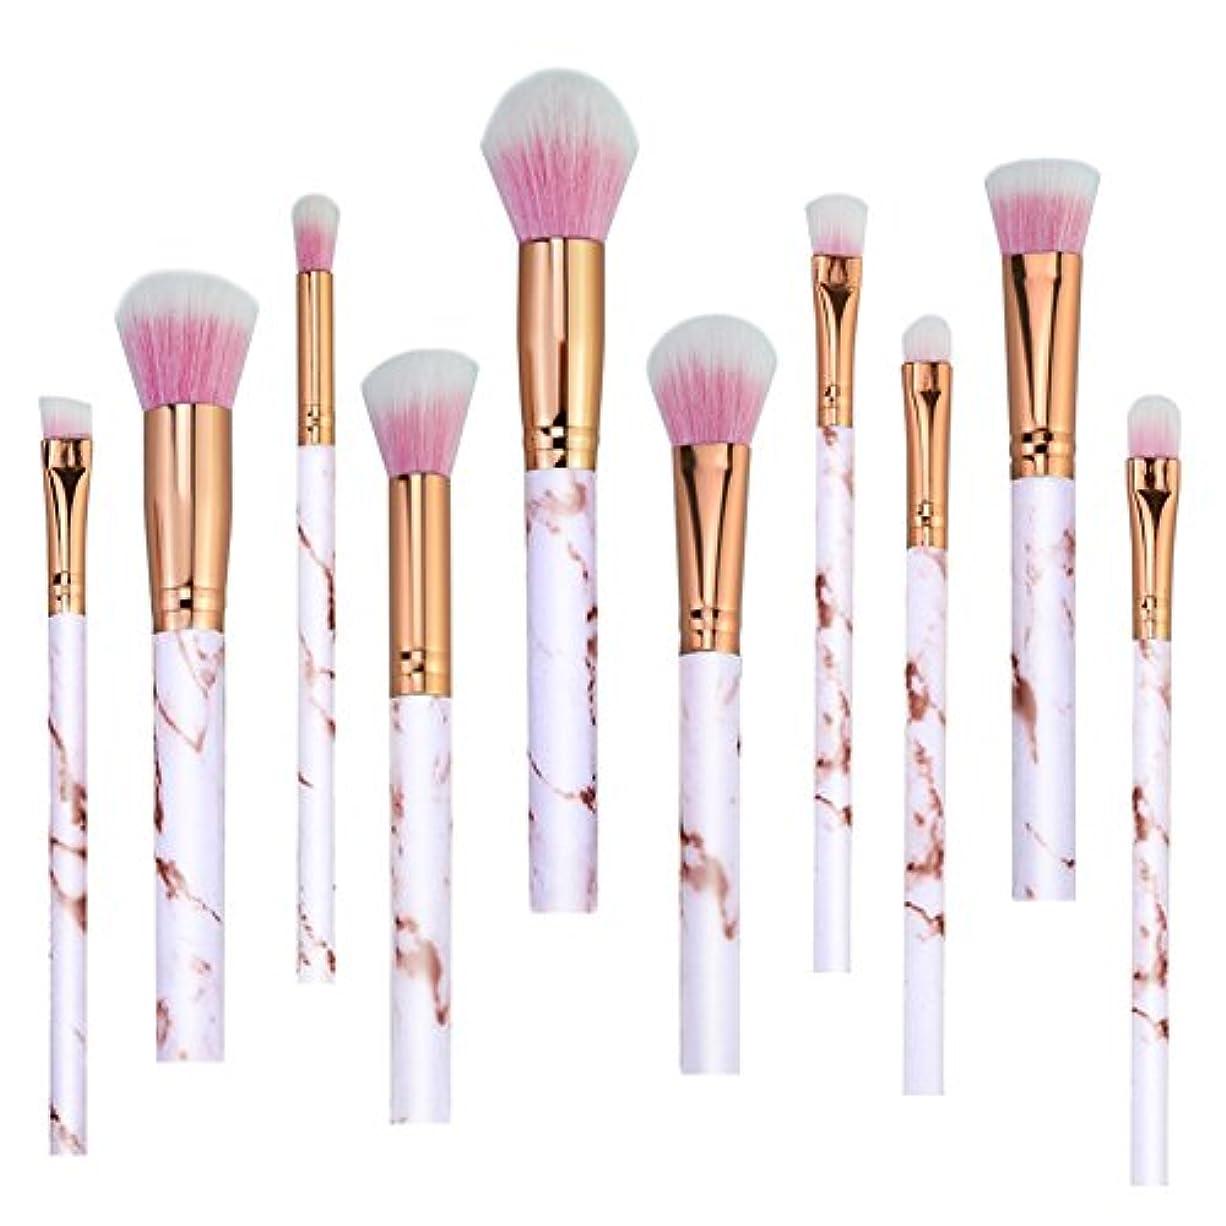 ネブチャート大騒ぎQIAONAI 10本 化粧筆 メイクアップブラシセット プロ 化粧ブラシ 化粧筆 コスメブラシ タイル模様 上品 パウダー アイシャドー 多機能化粧ブラシ 綺麗 ピンク